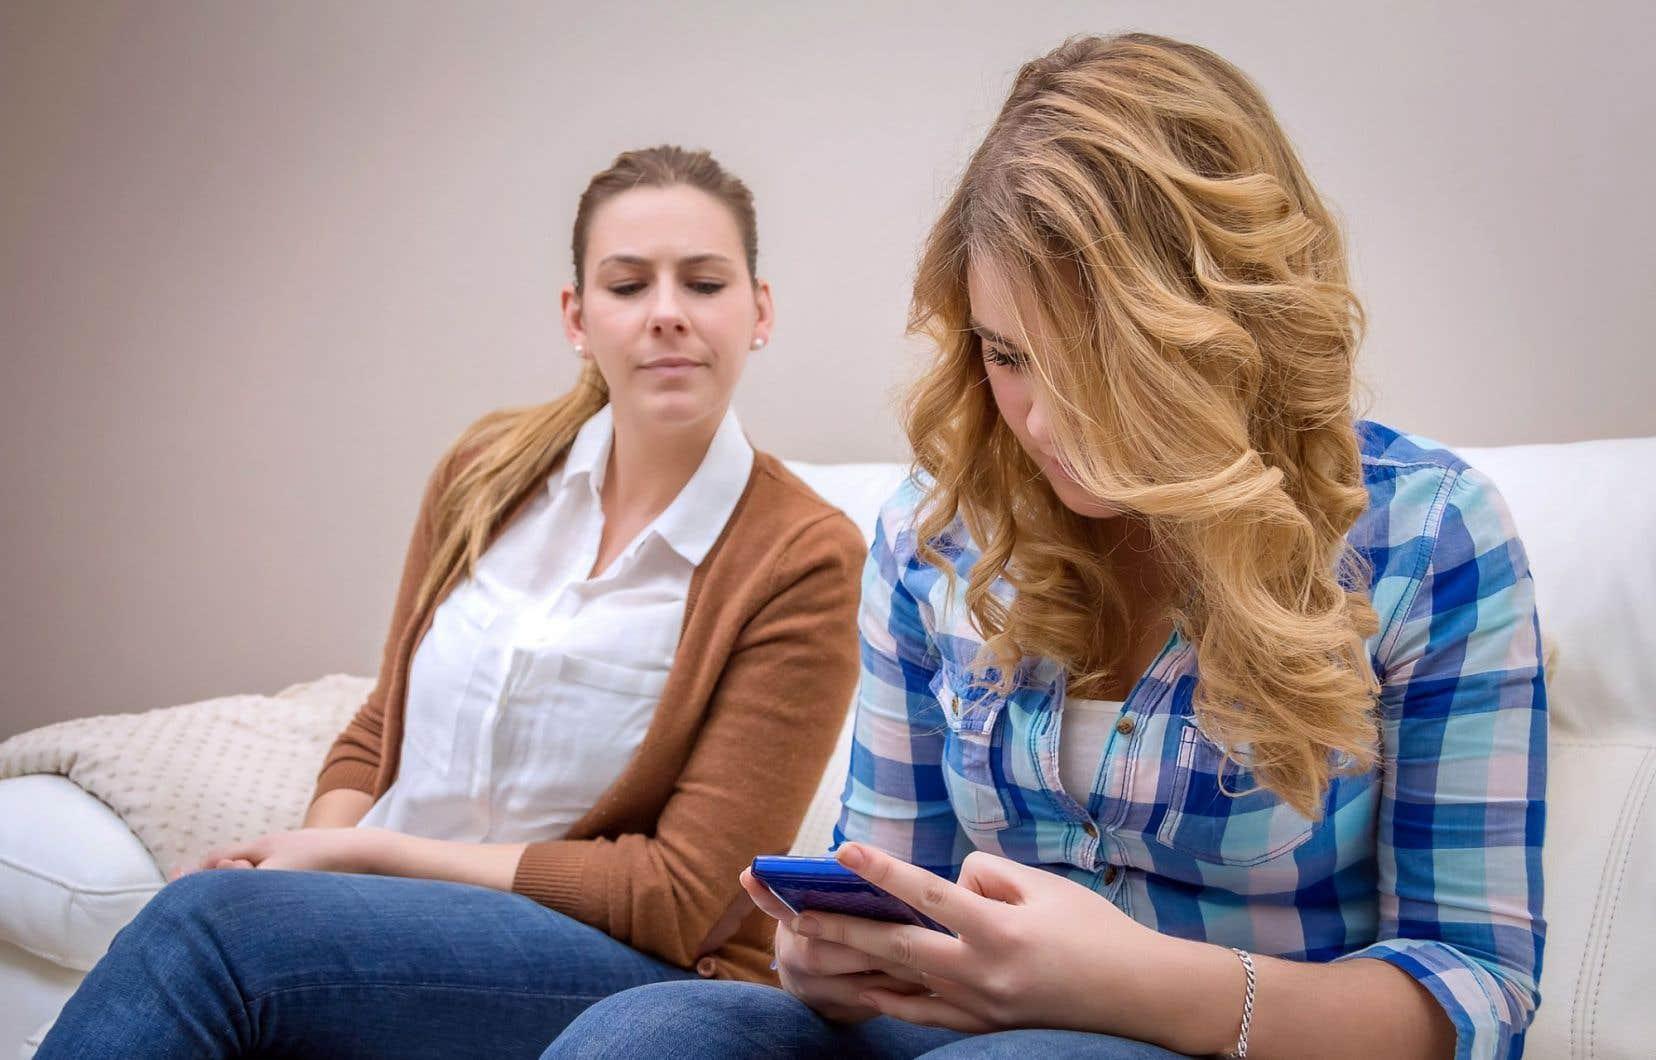 Selon la spécialiste Tiziana Bellucci, l'hypersurveillance aurait pour effet de déresponsabiliser l'enfant, qui ne saura pas comment gérer seul ses interactions sociales.